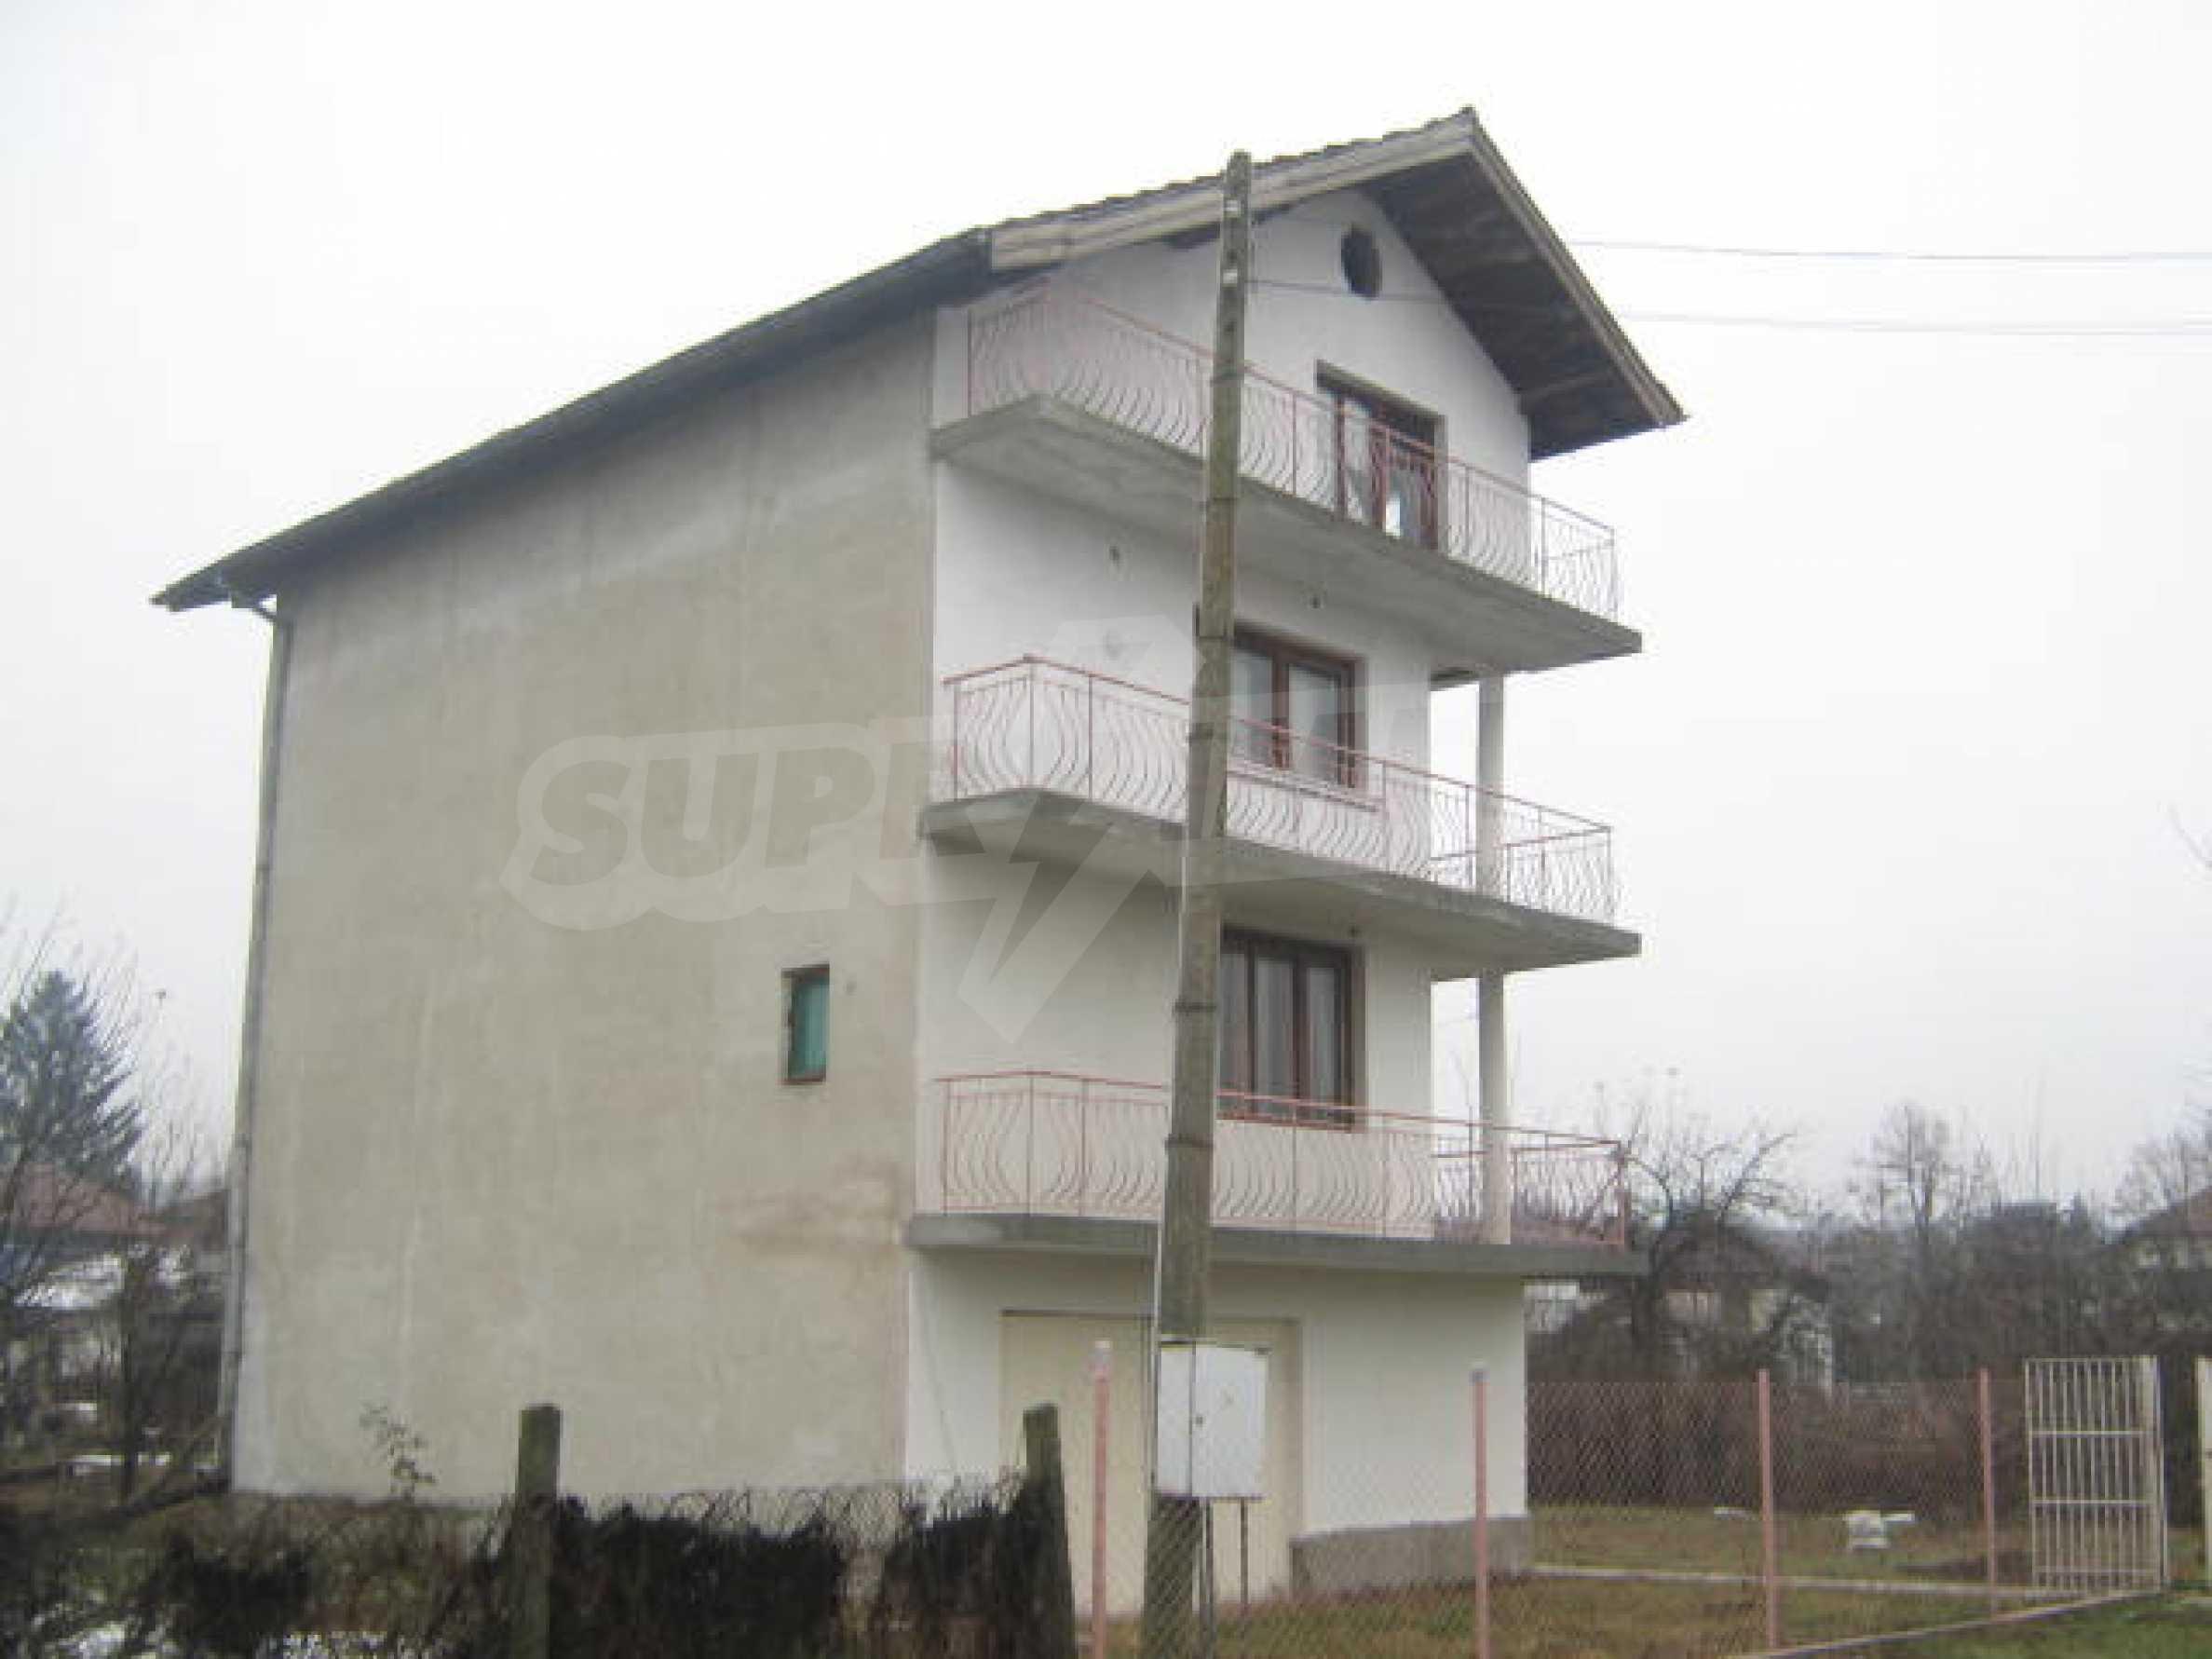 Vierstöckiges Haus mit Hof in der Nähe von der Stadt Widin 2